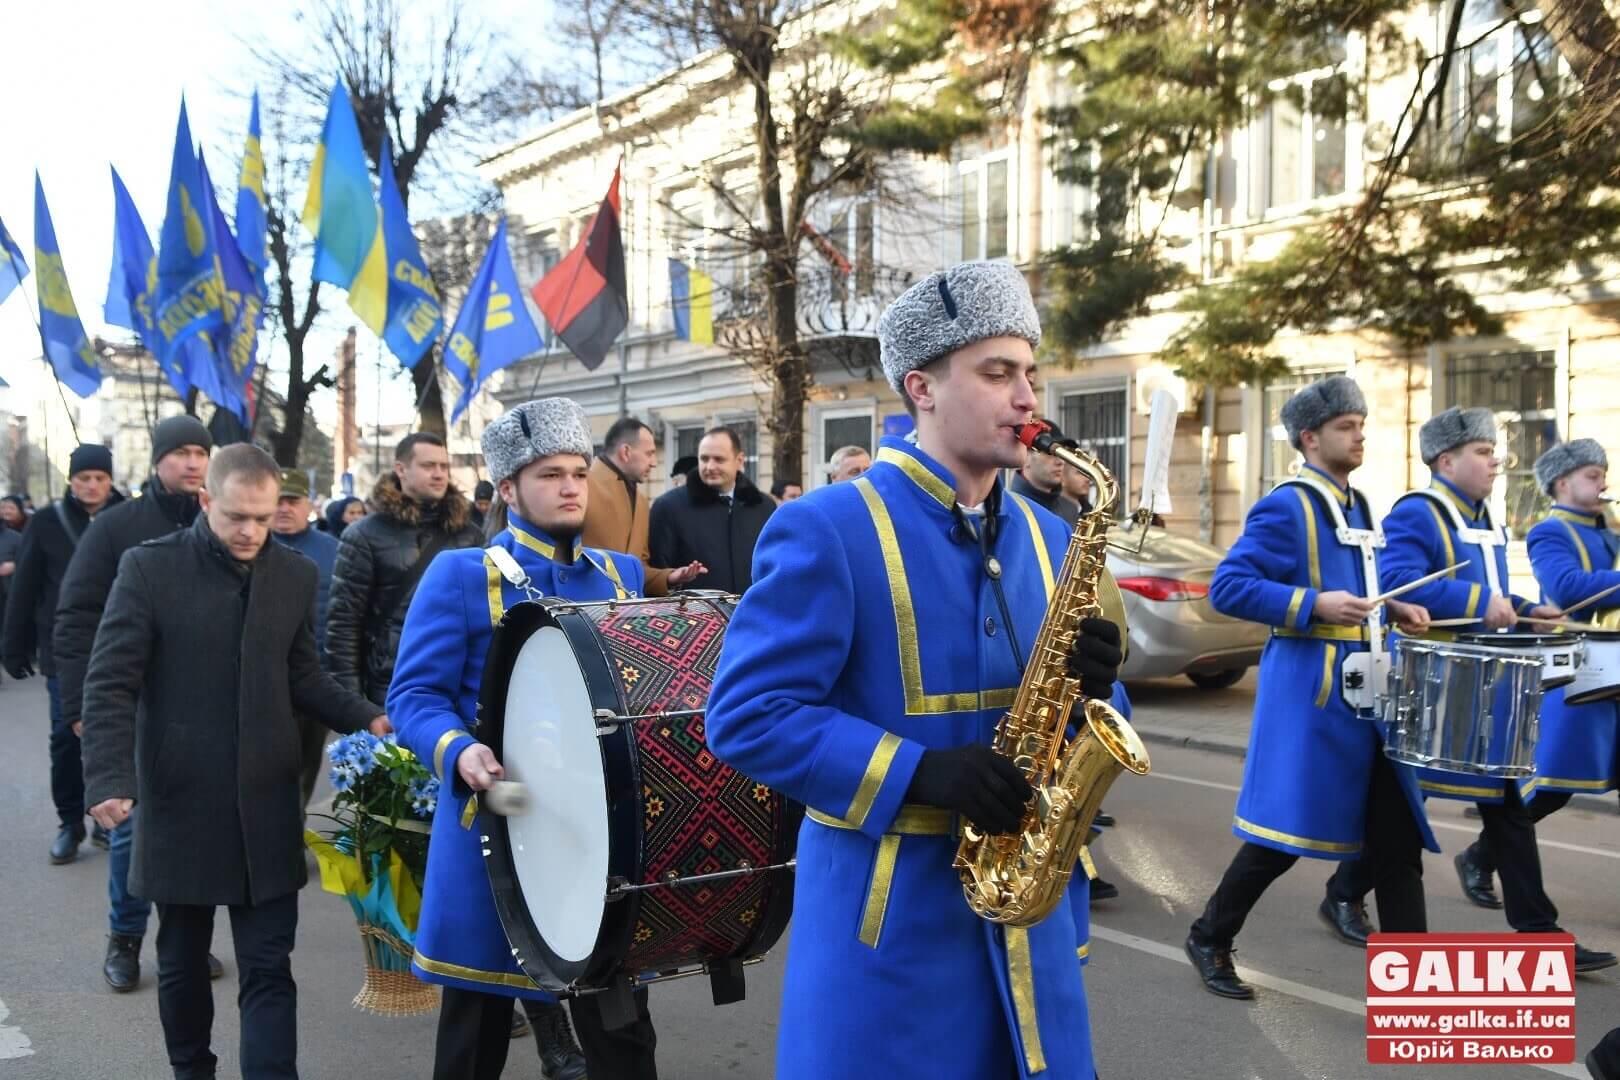 Хода та віче: День соборності України відзначили в Івано-Франківську (ФОТО)